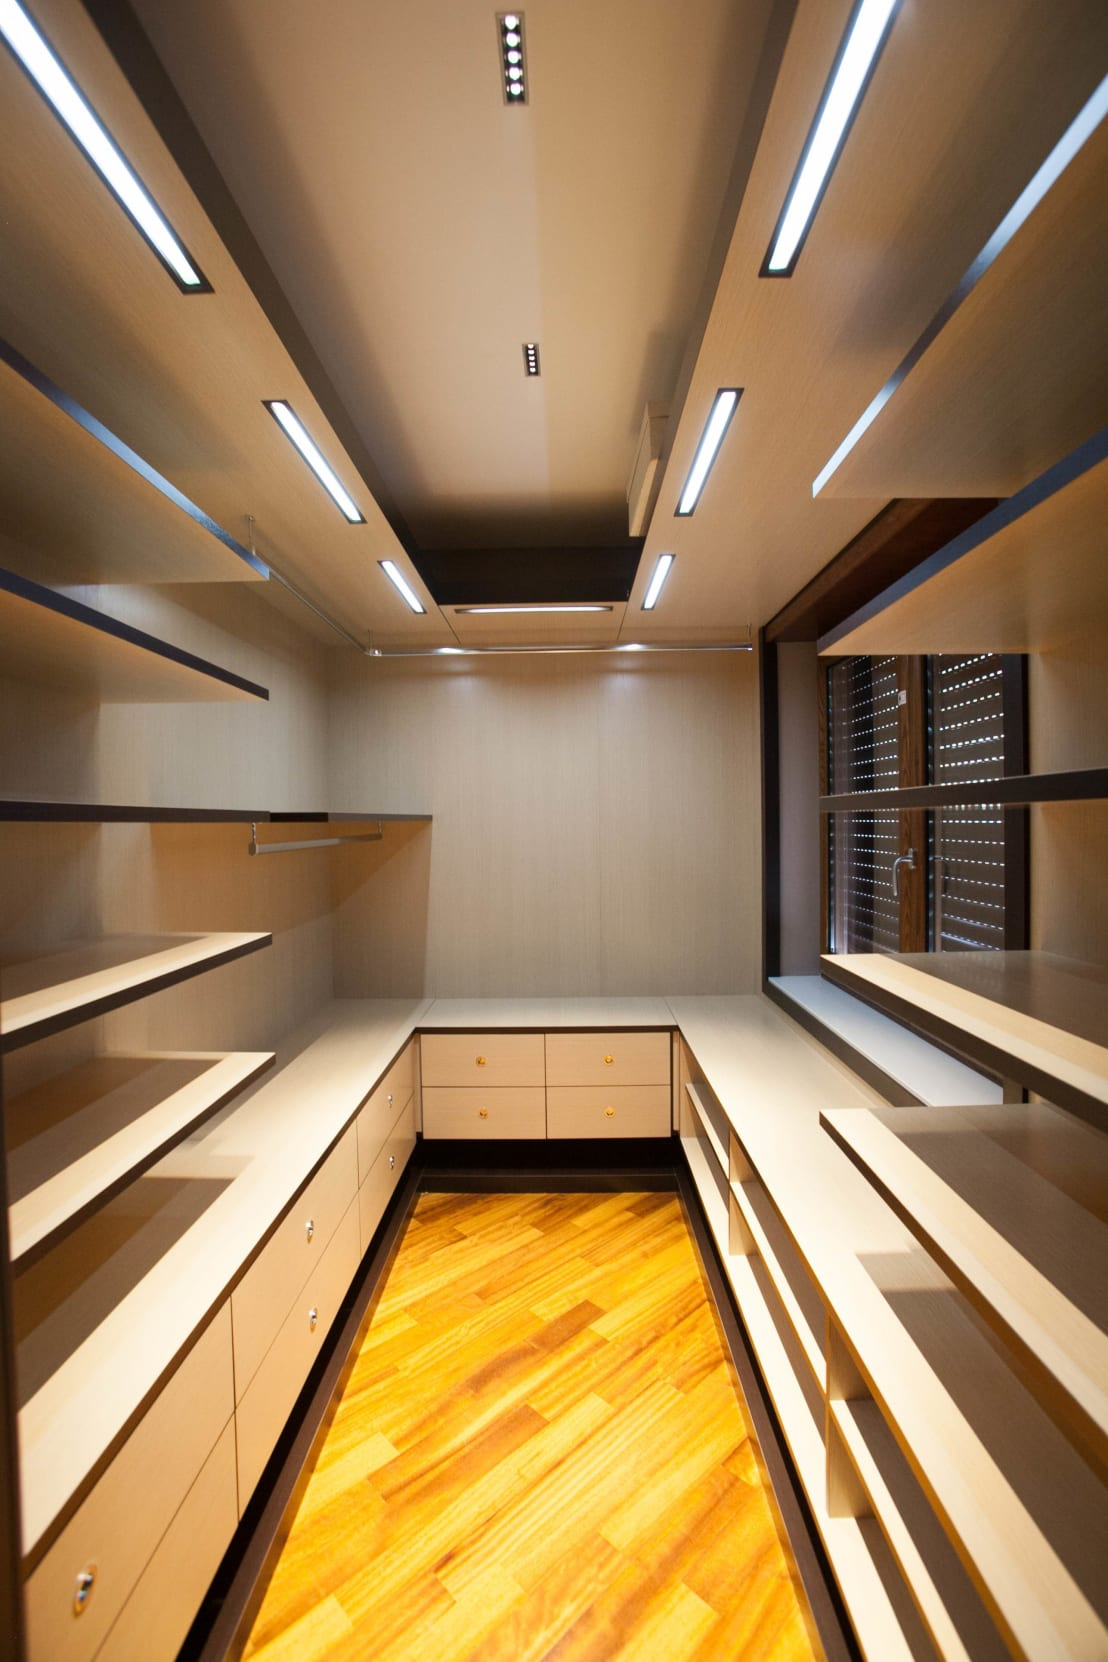 idee per progettare una cabina armadio: camere da letto piccole ... - Idee Per Progettare Una Cabina Armadio